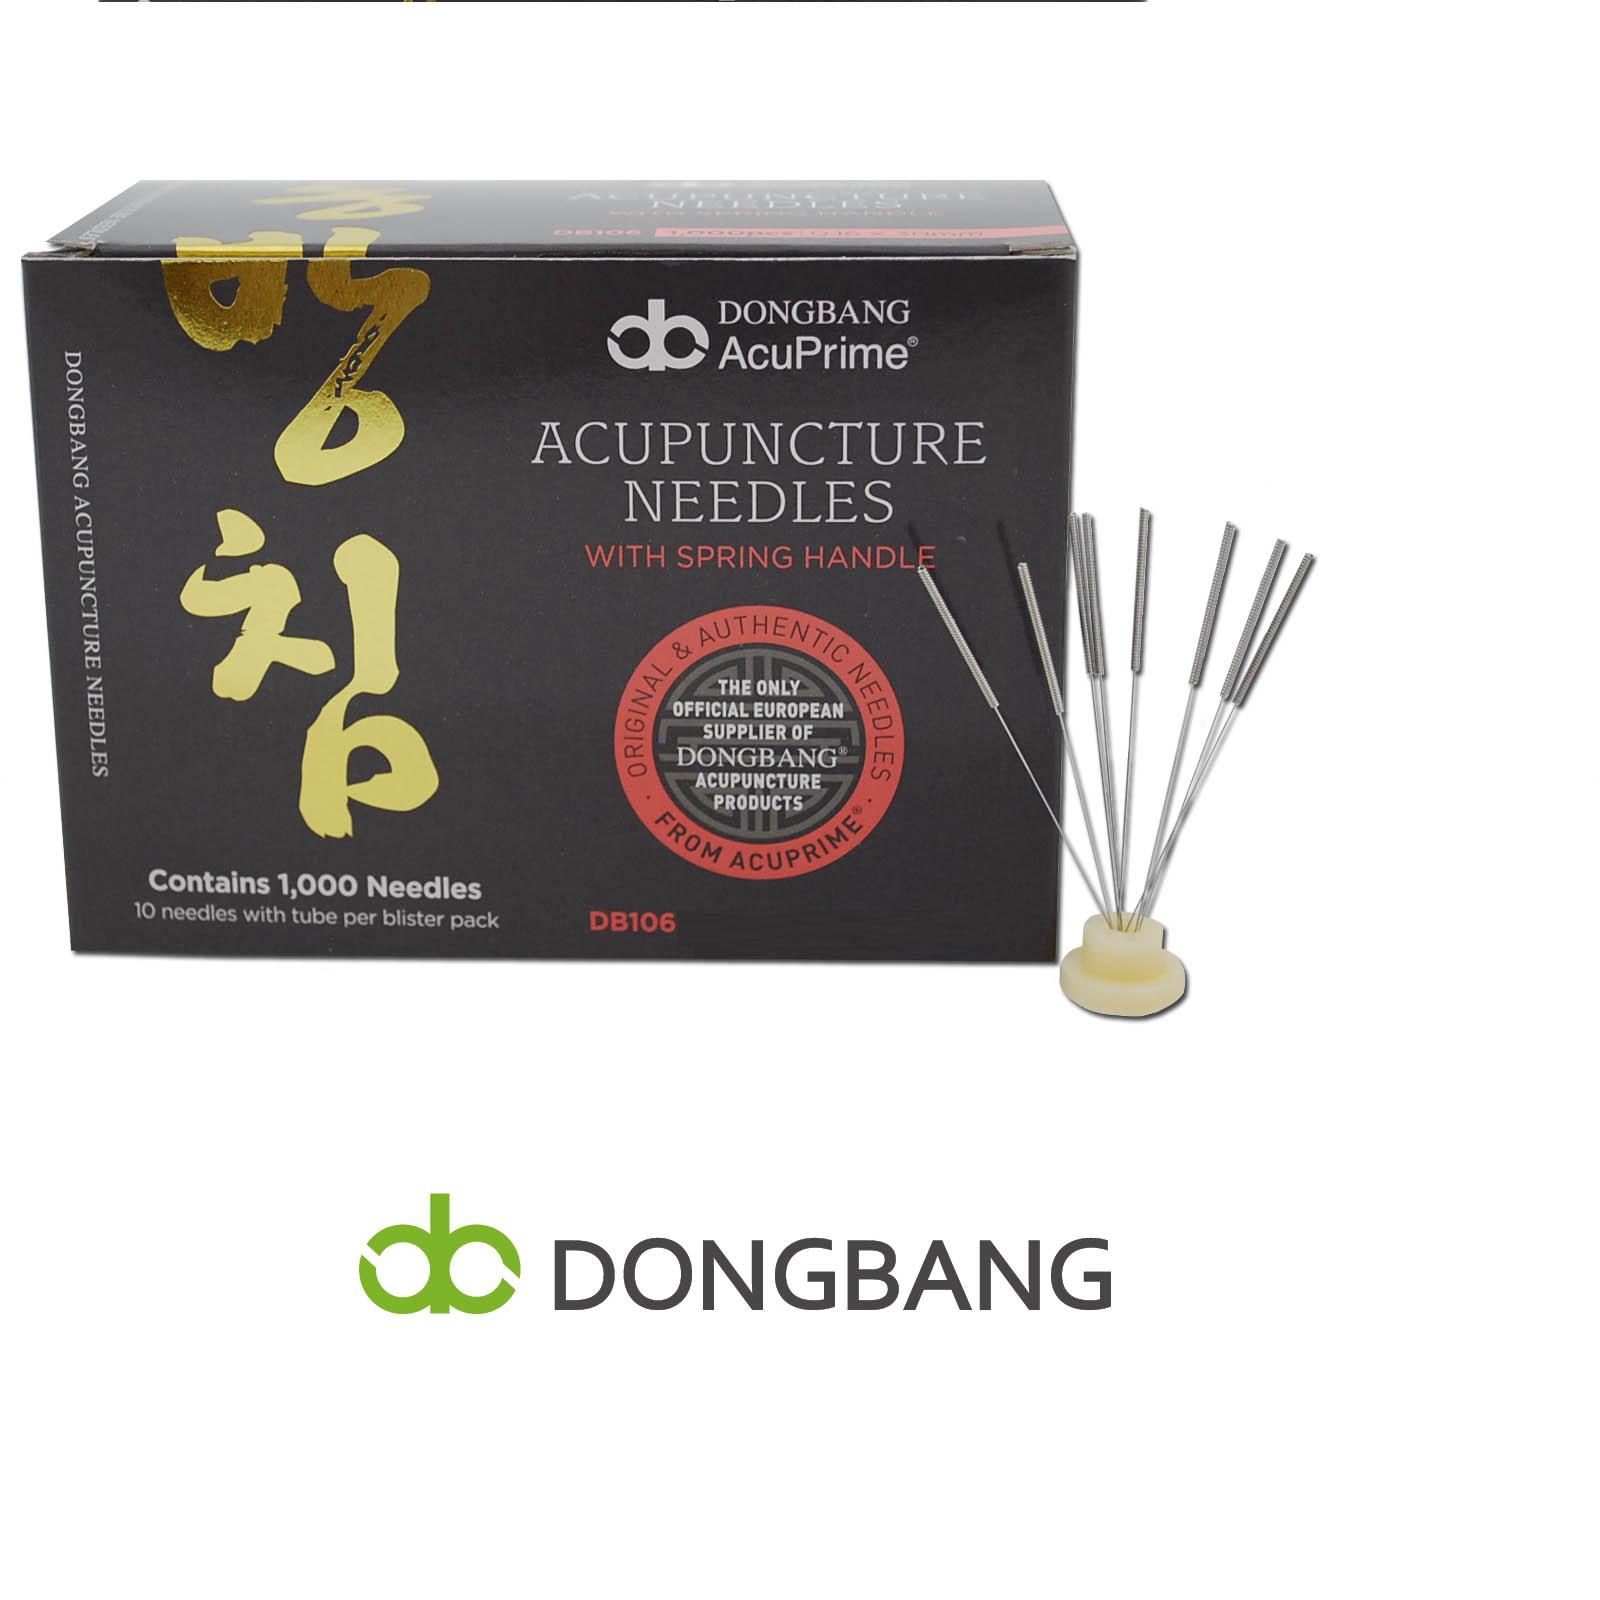 Βελόνες Βελονισμού DONG BANG (Acupuncture Needles) - 1000 Βελόνες